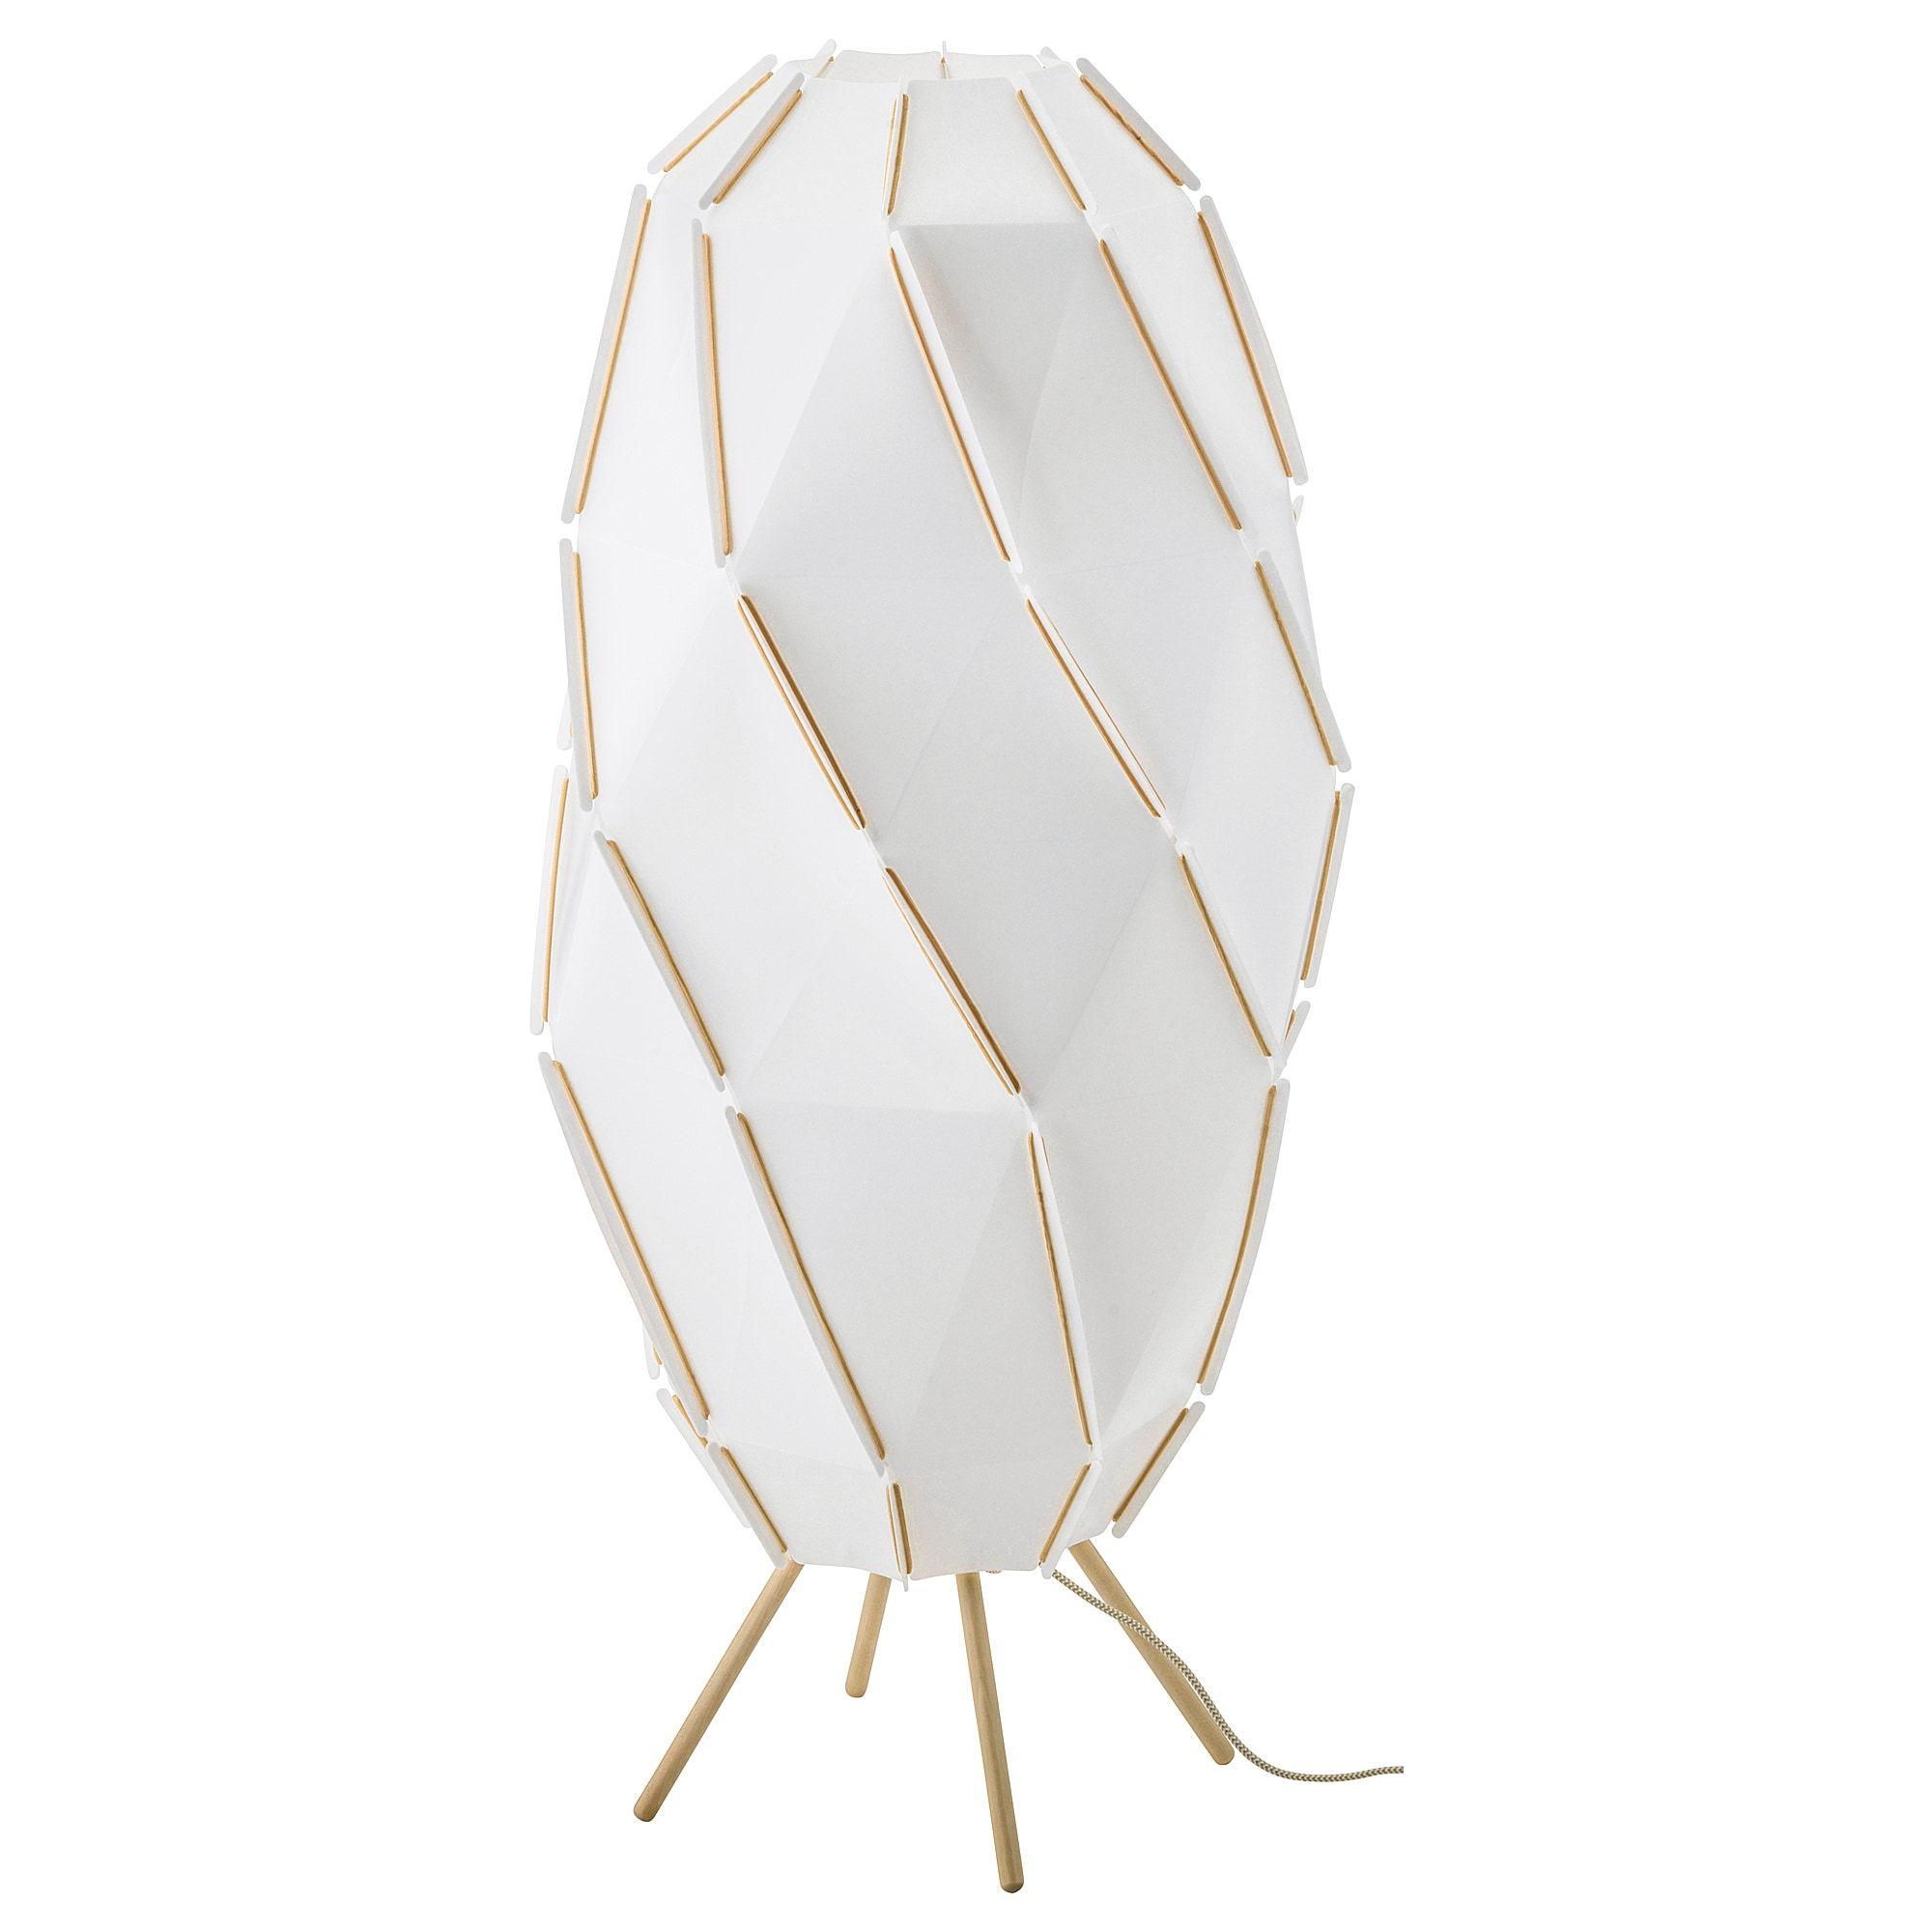 Ikea Sjopenna White Floor Lamp With Led Bulb In 2019 White